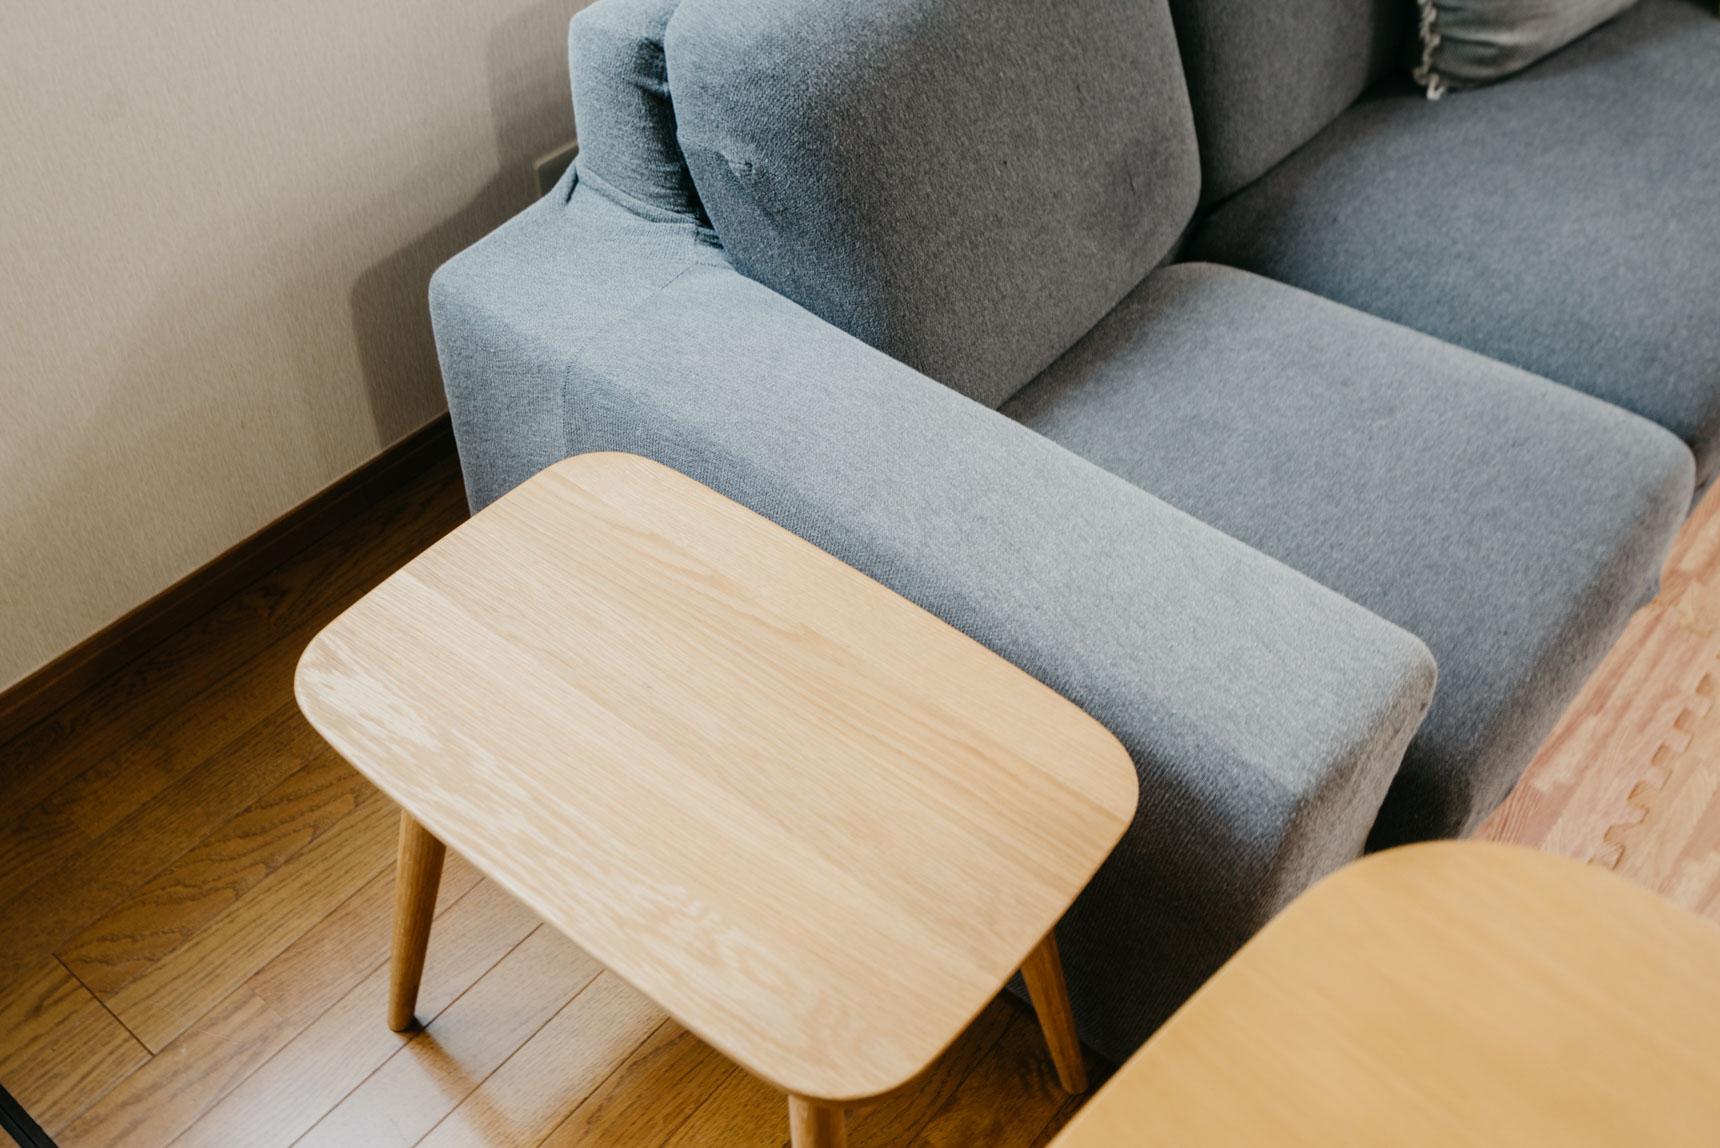 こちらは無印良品で販売されている、「オーク材スツール」。椅子としての機能はもちろんのこと、サイドテーブルとしても活用できるマルチなアイテム。